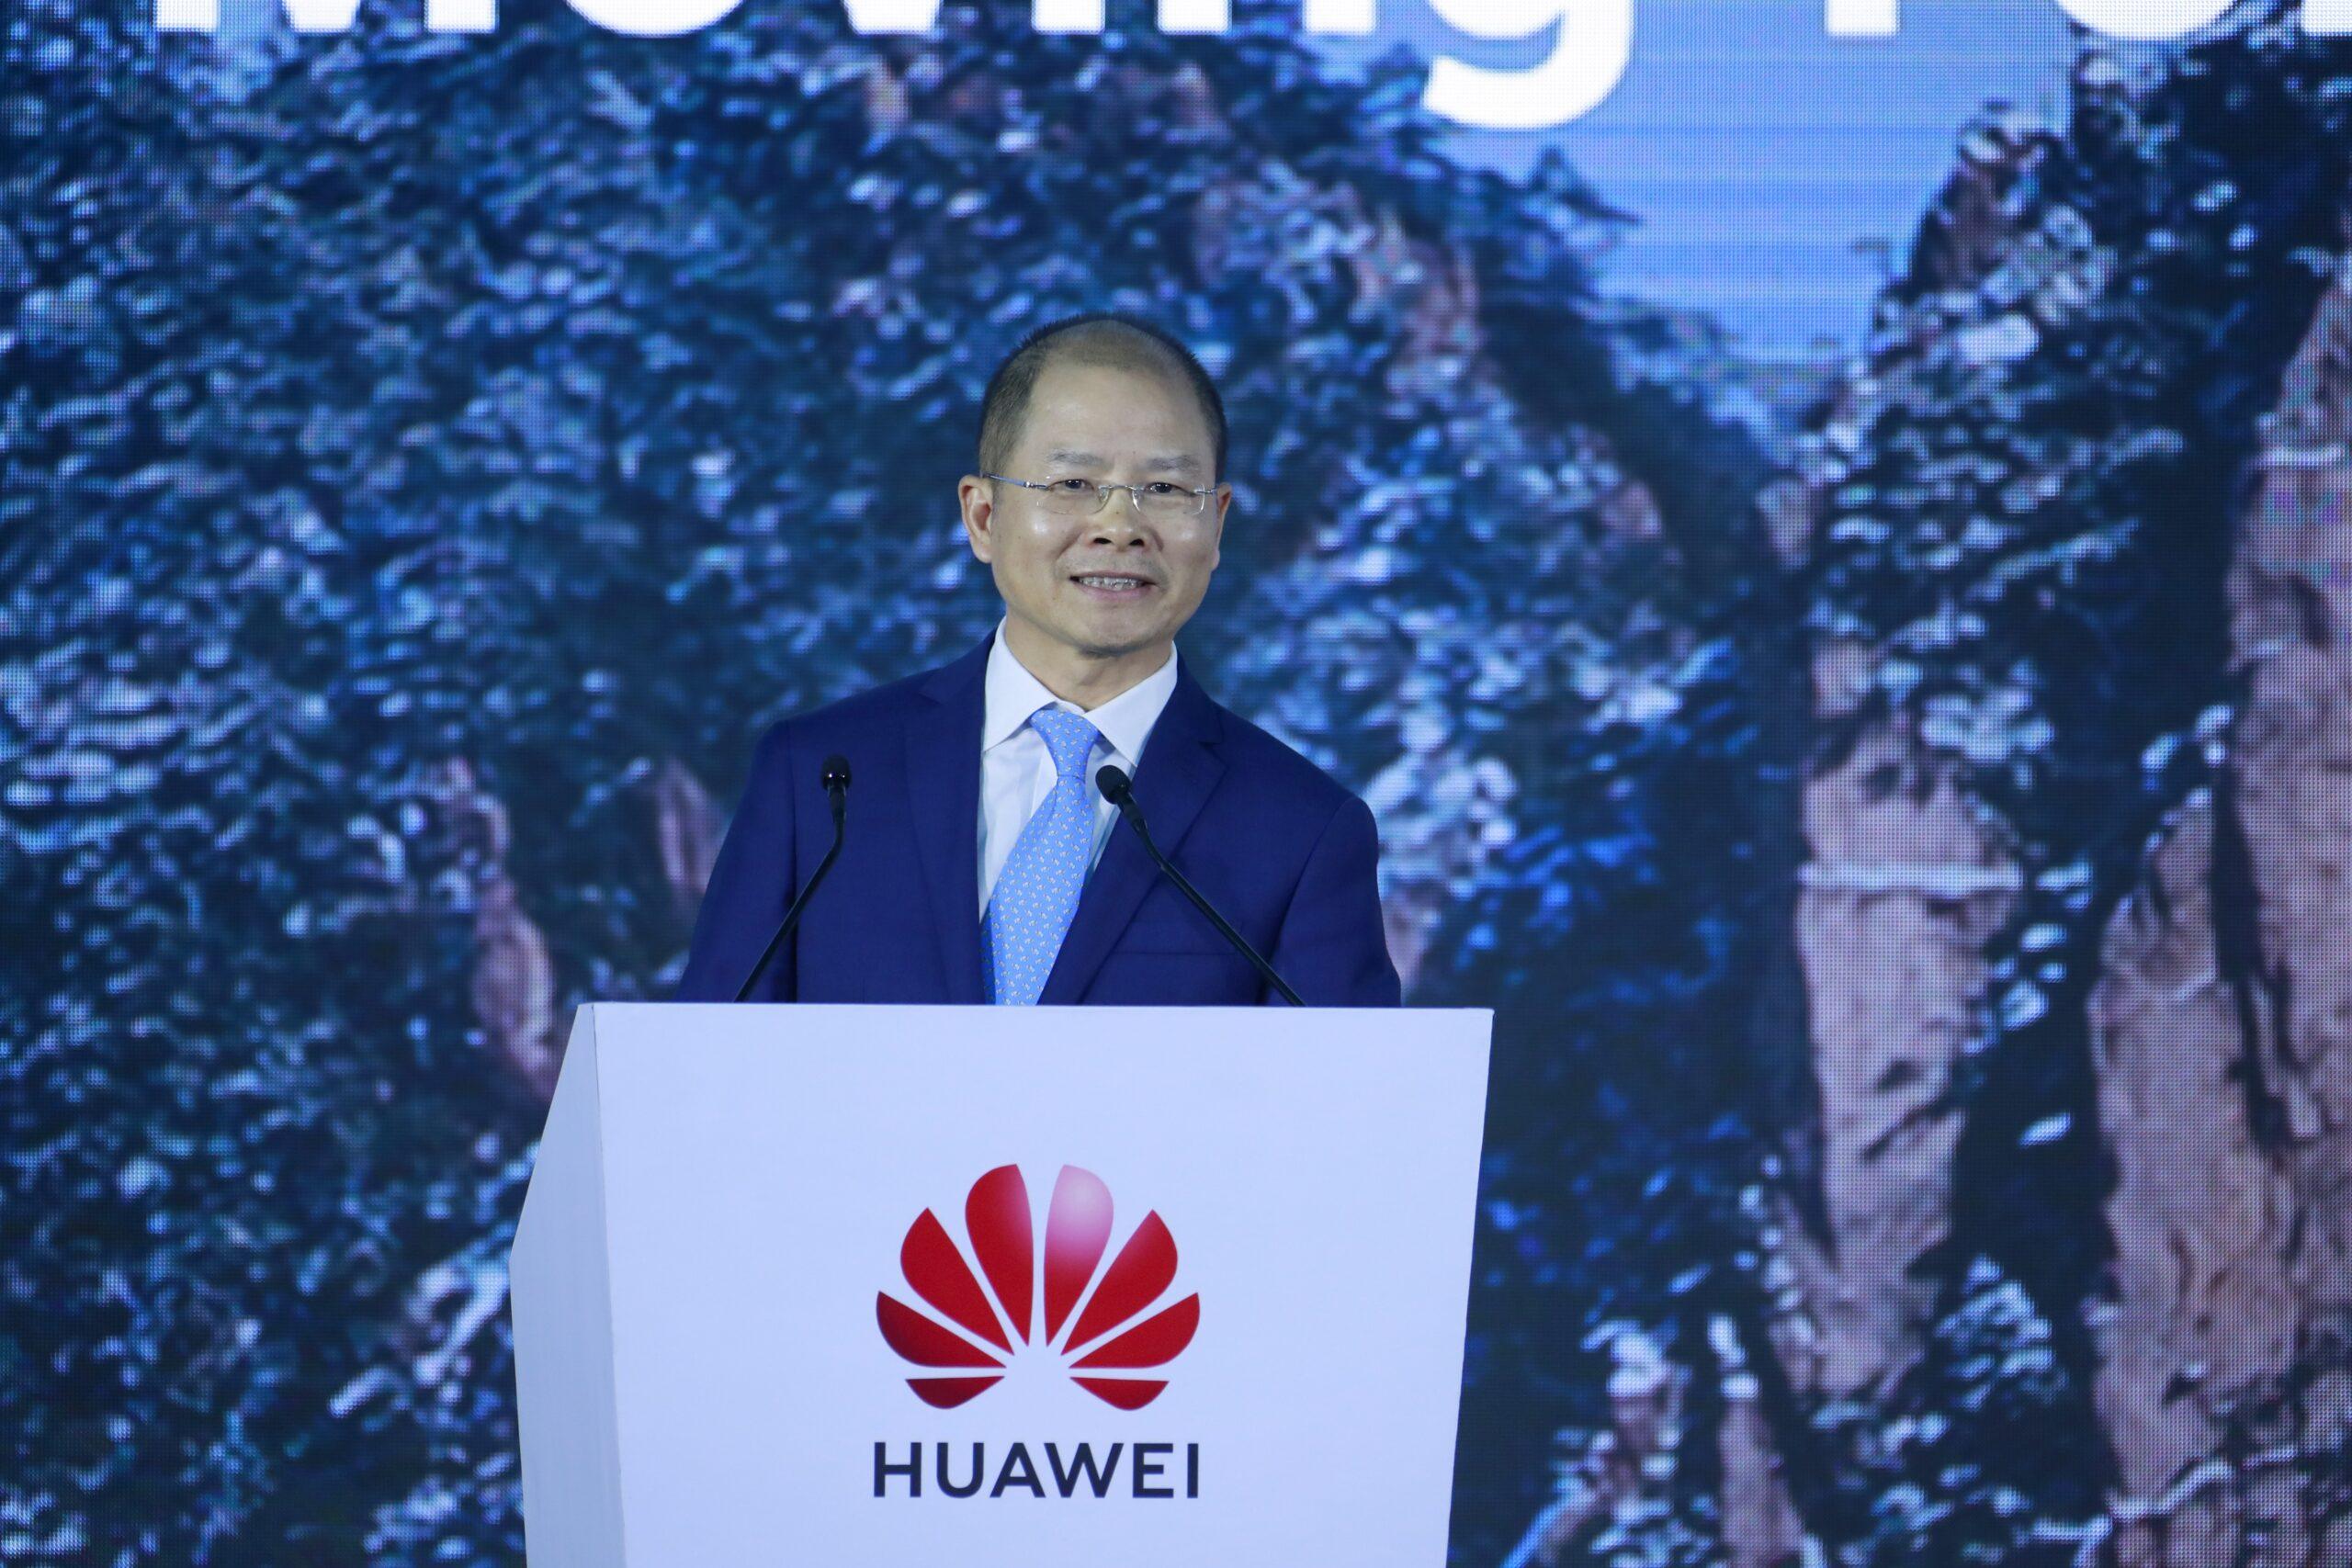 Huawei optimiza su cartera de productos para reforzar la solidez empresarial y navegar a través de la complejidad del entorno